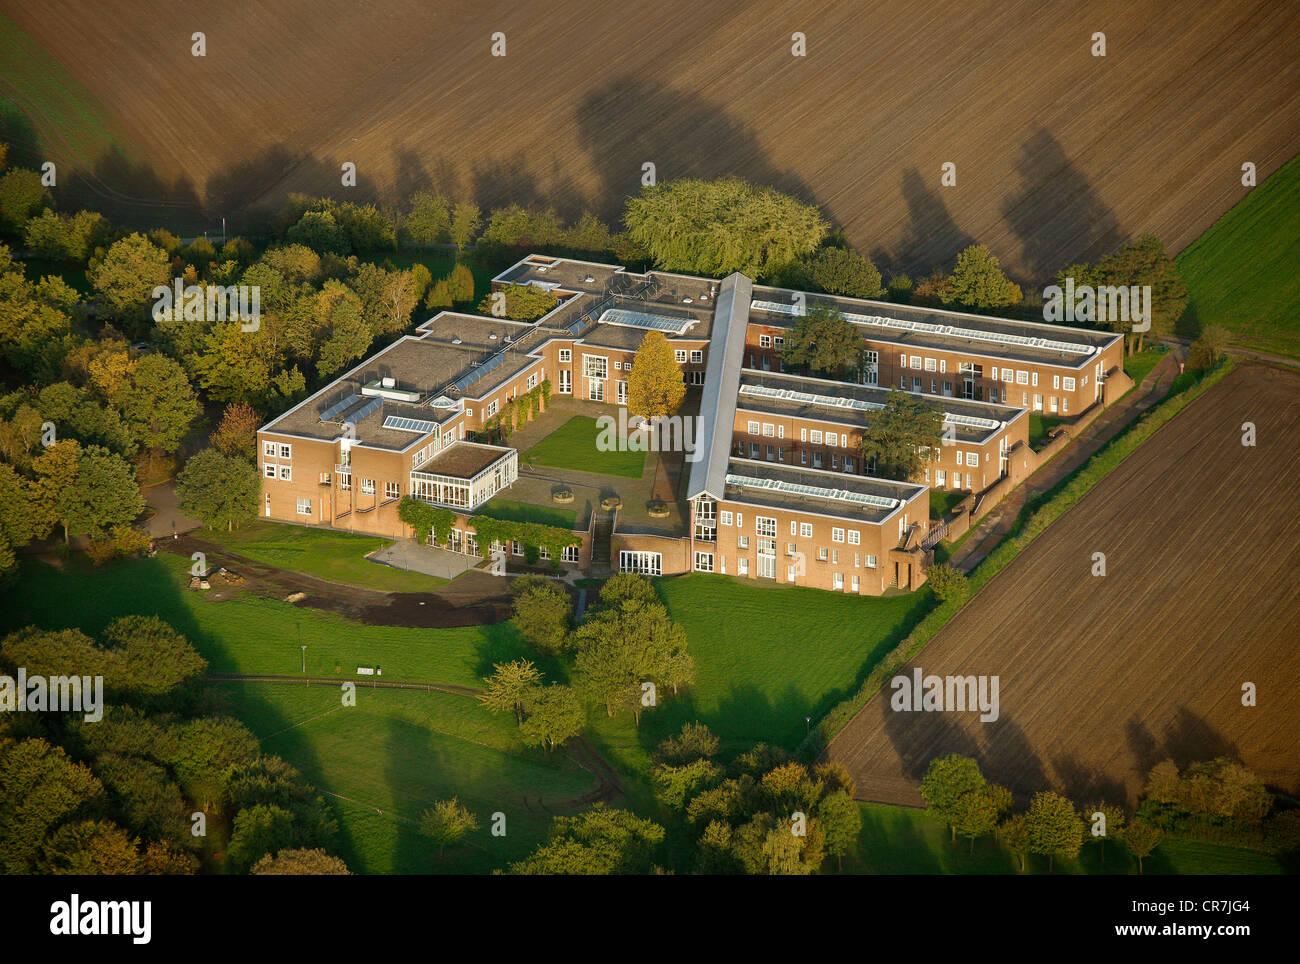 Vista aerea, Justizakademie, advanced training facility, Recklinghausen, la zona della Ruhr, Renania settentrionale Immagini Stock